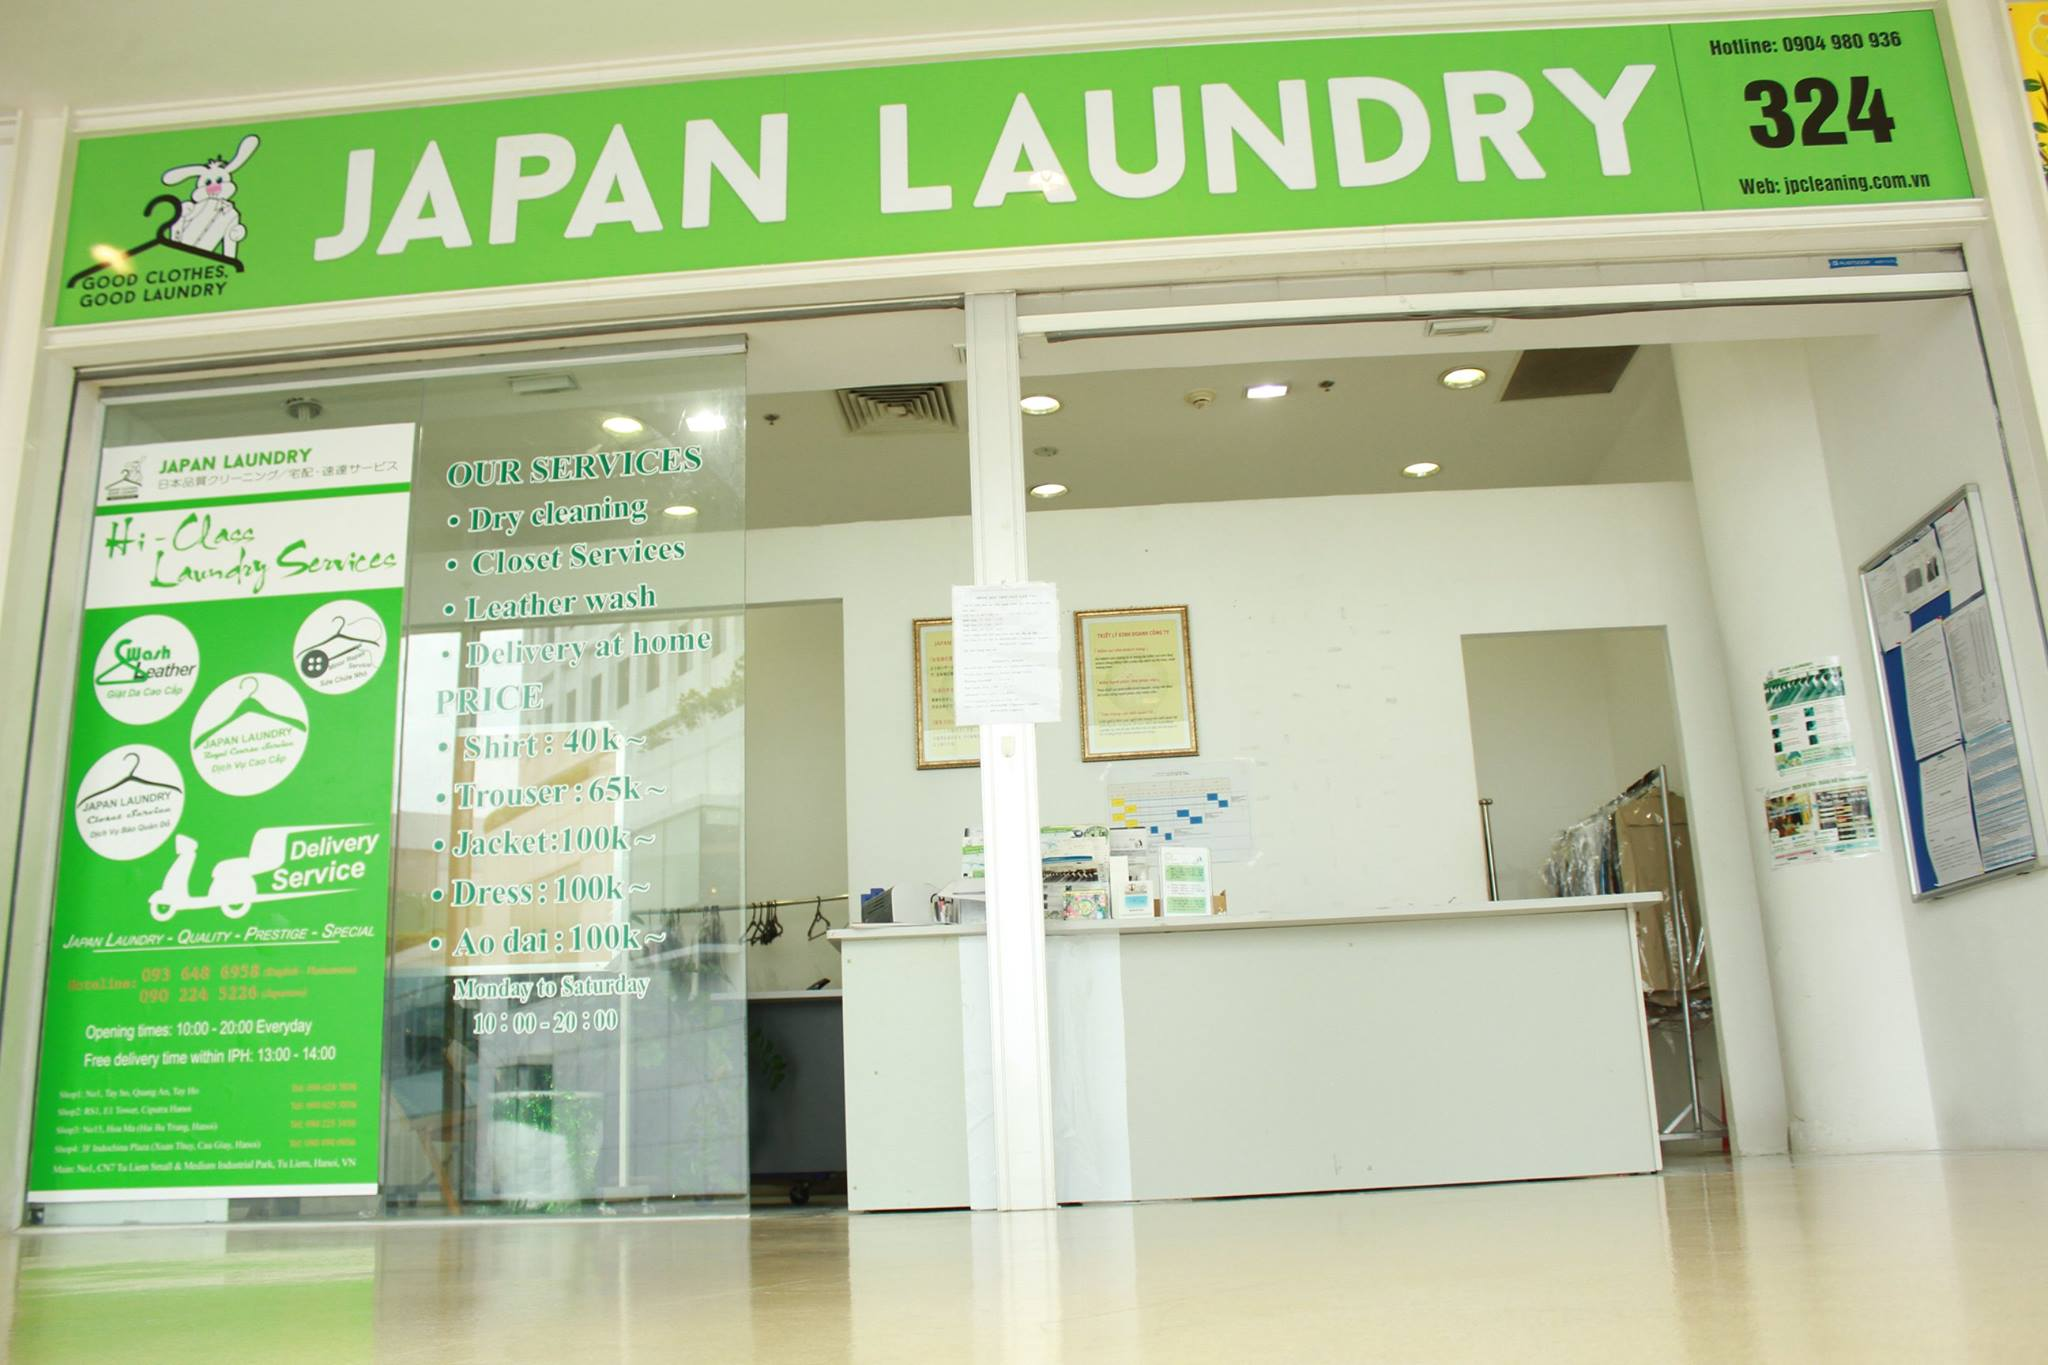 Japan LaunDry - Địa chỉ giặt là tại Hà Nội được đánh giá cao